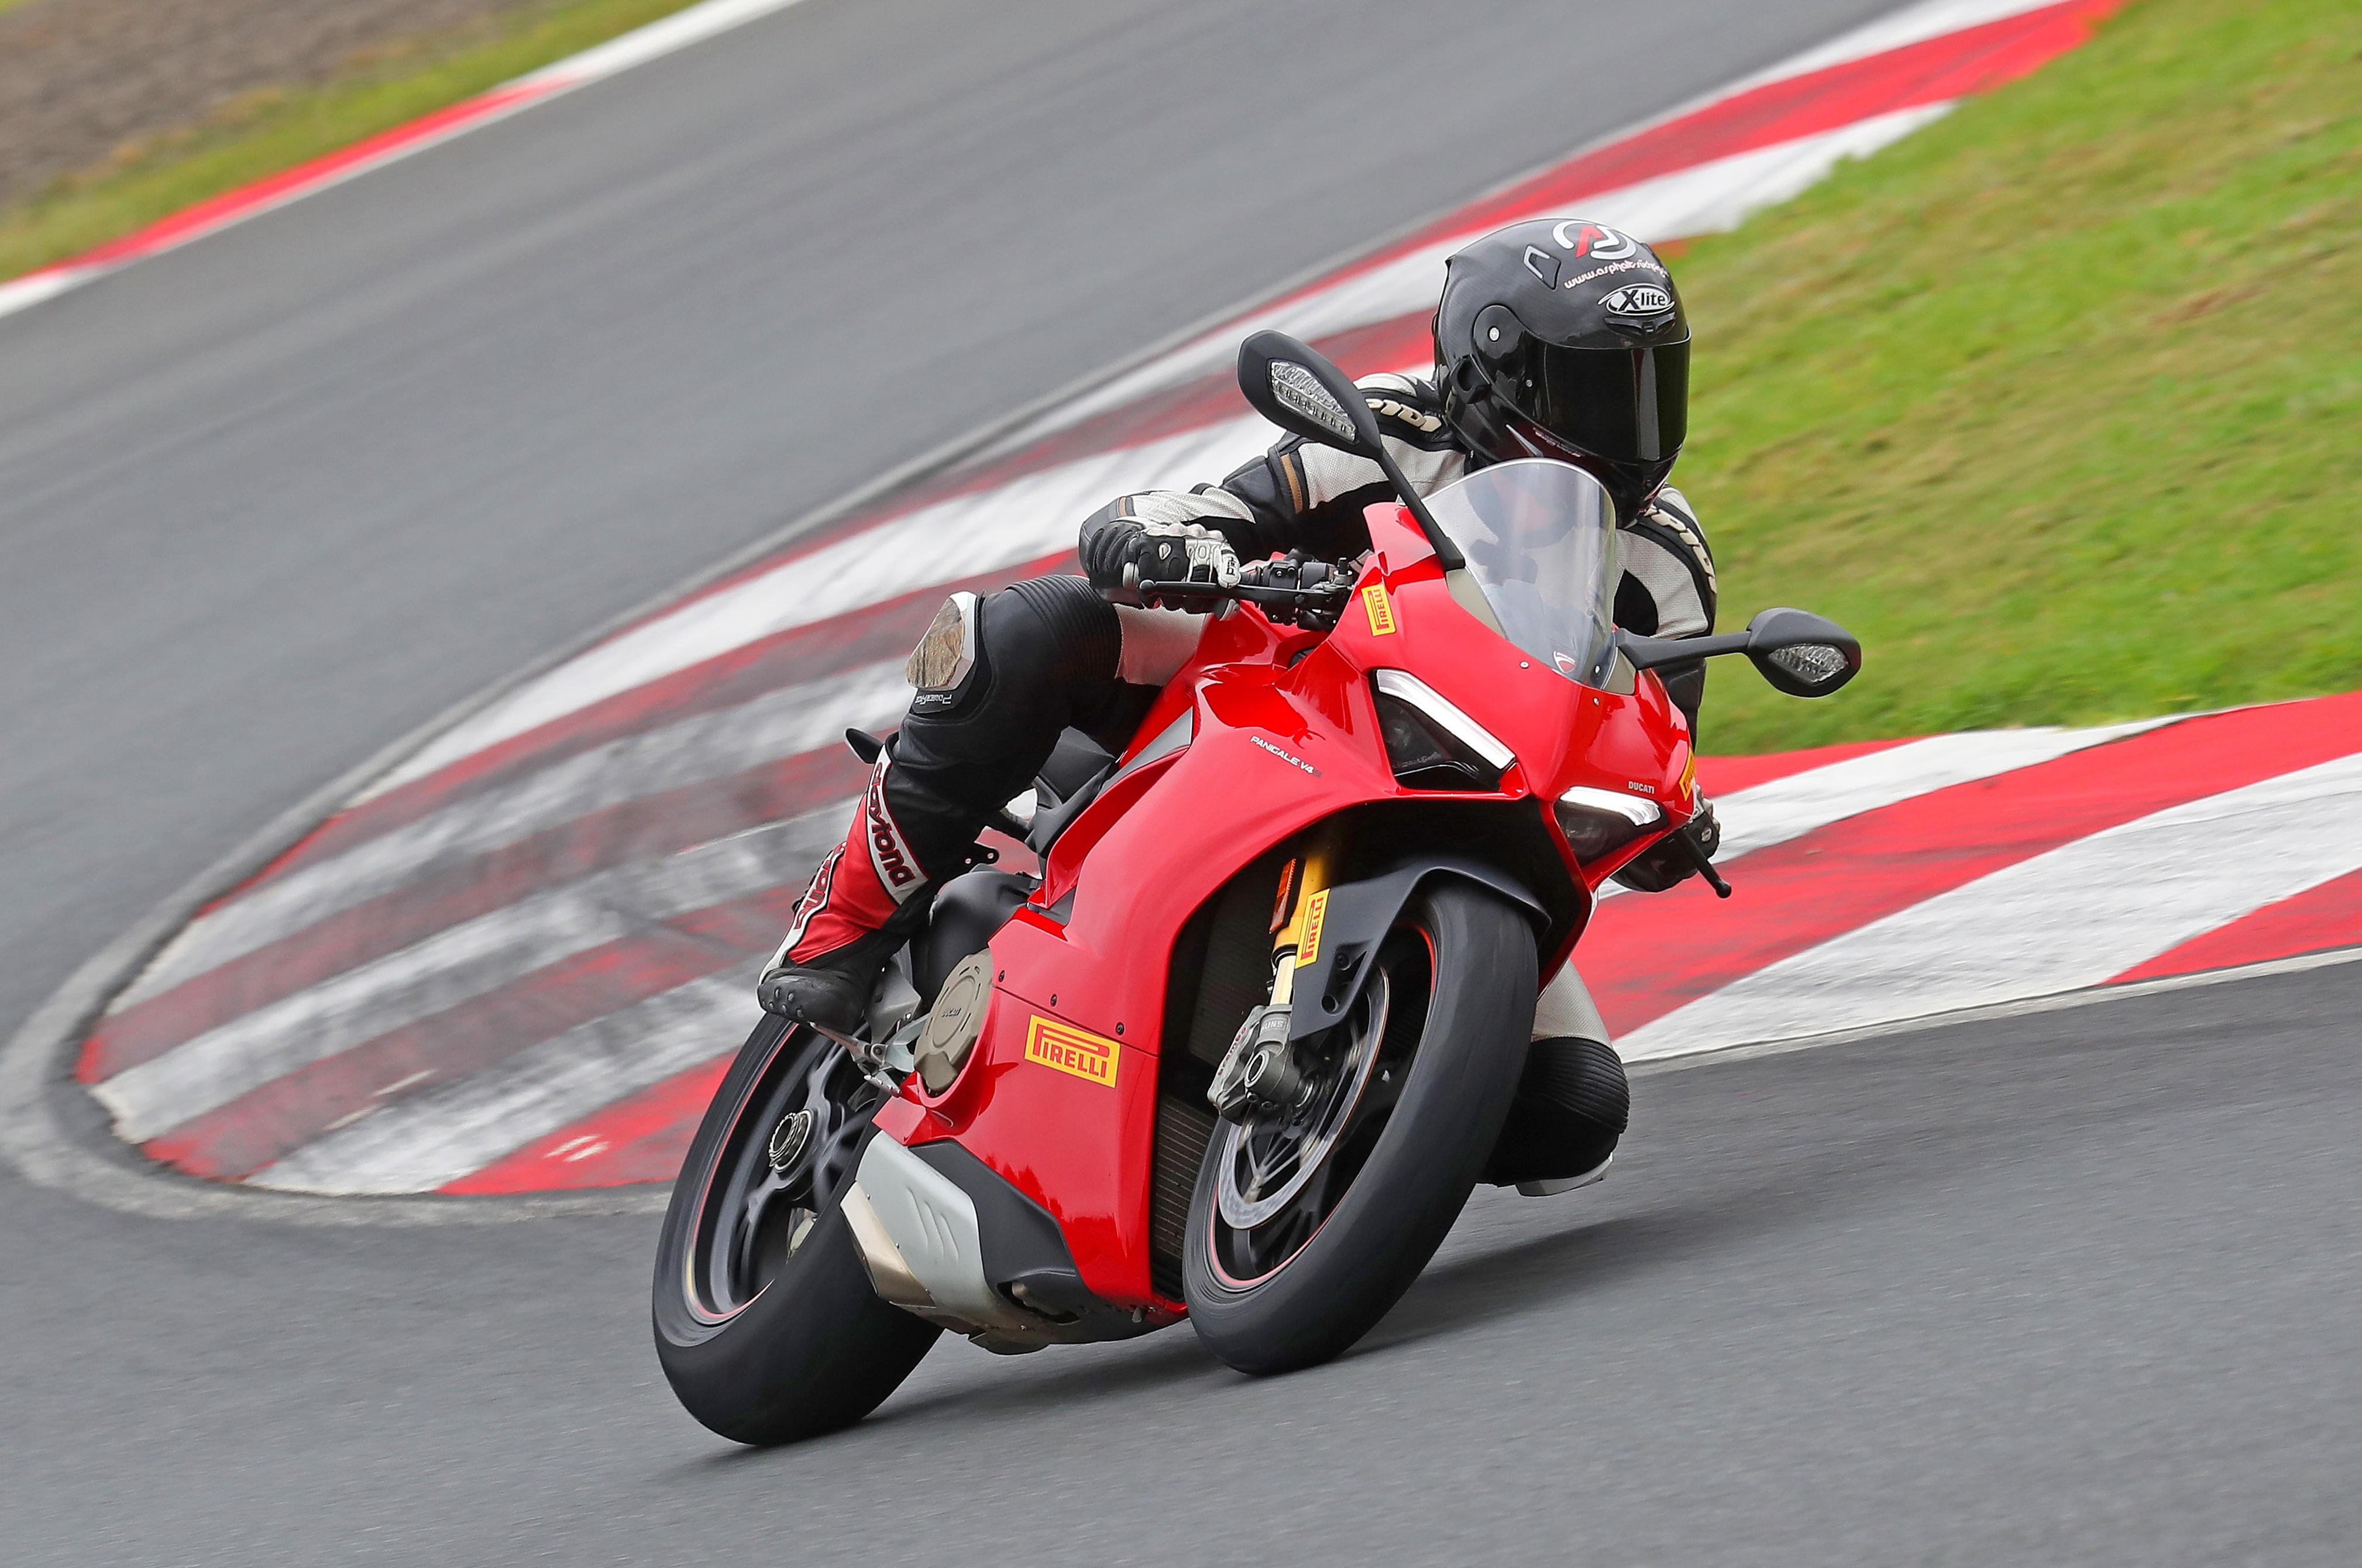 Für die Panigale hatte Pirelli den Diablo Rosso Corsa II auch schon in der Hinterradgröße 200/60 bei der Präsentation dabei. Die Größe harmoniert hervorragend mit der neuen V4, kommt aber erst im Laufe der Saison in den Handel.